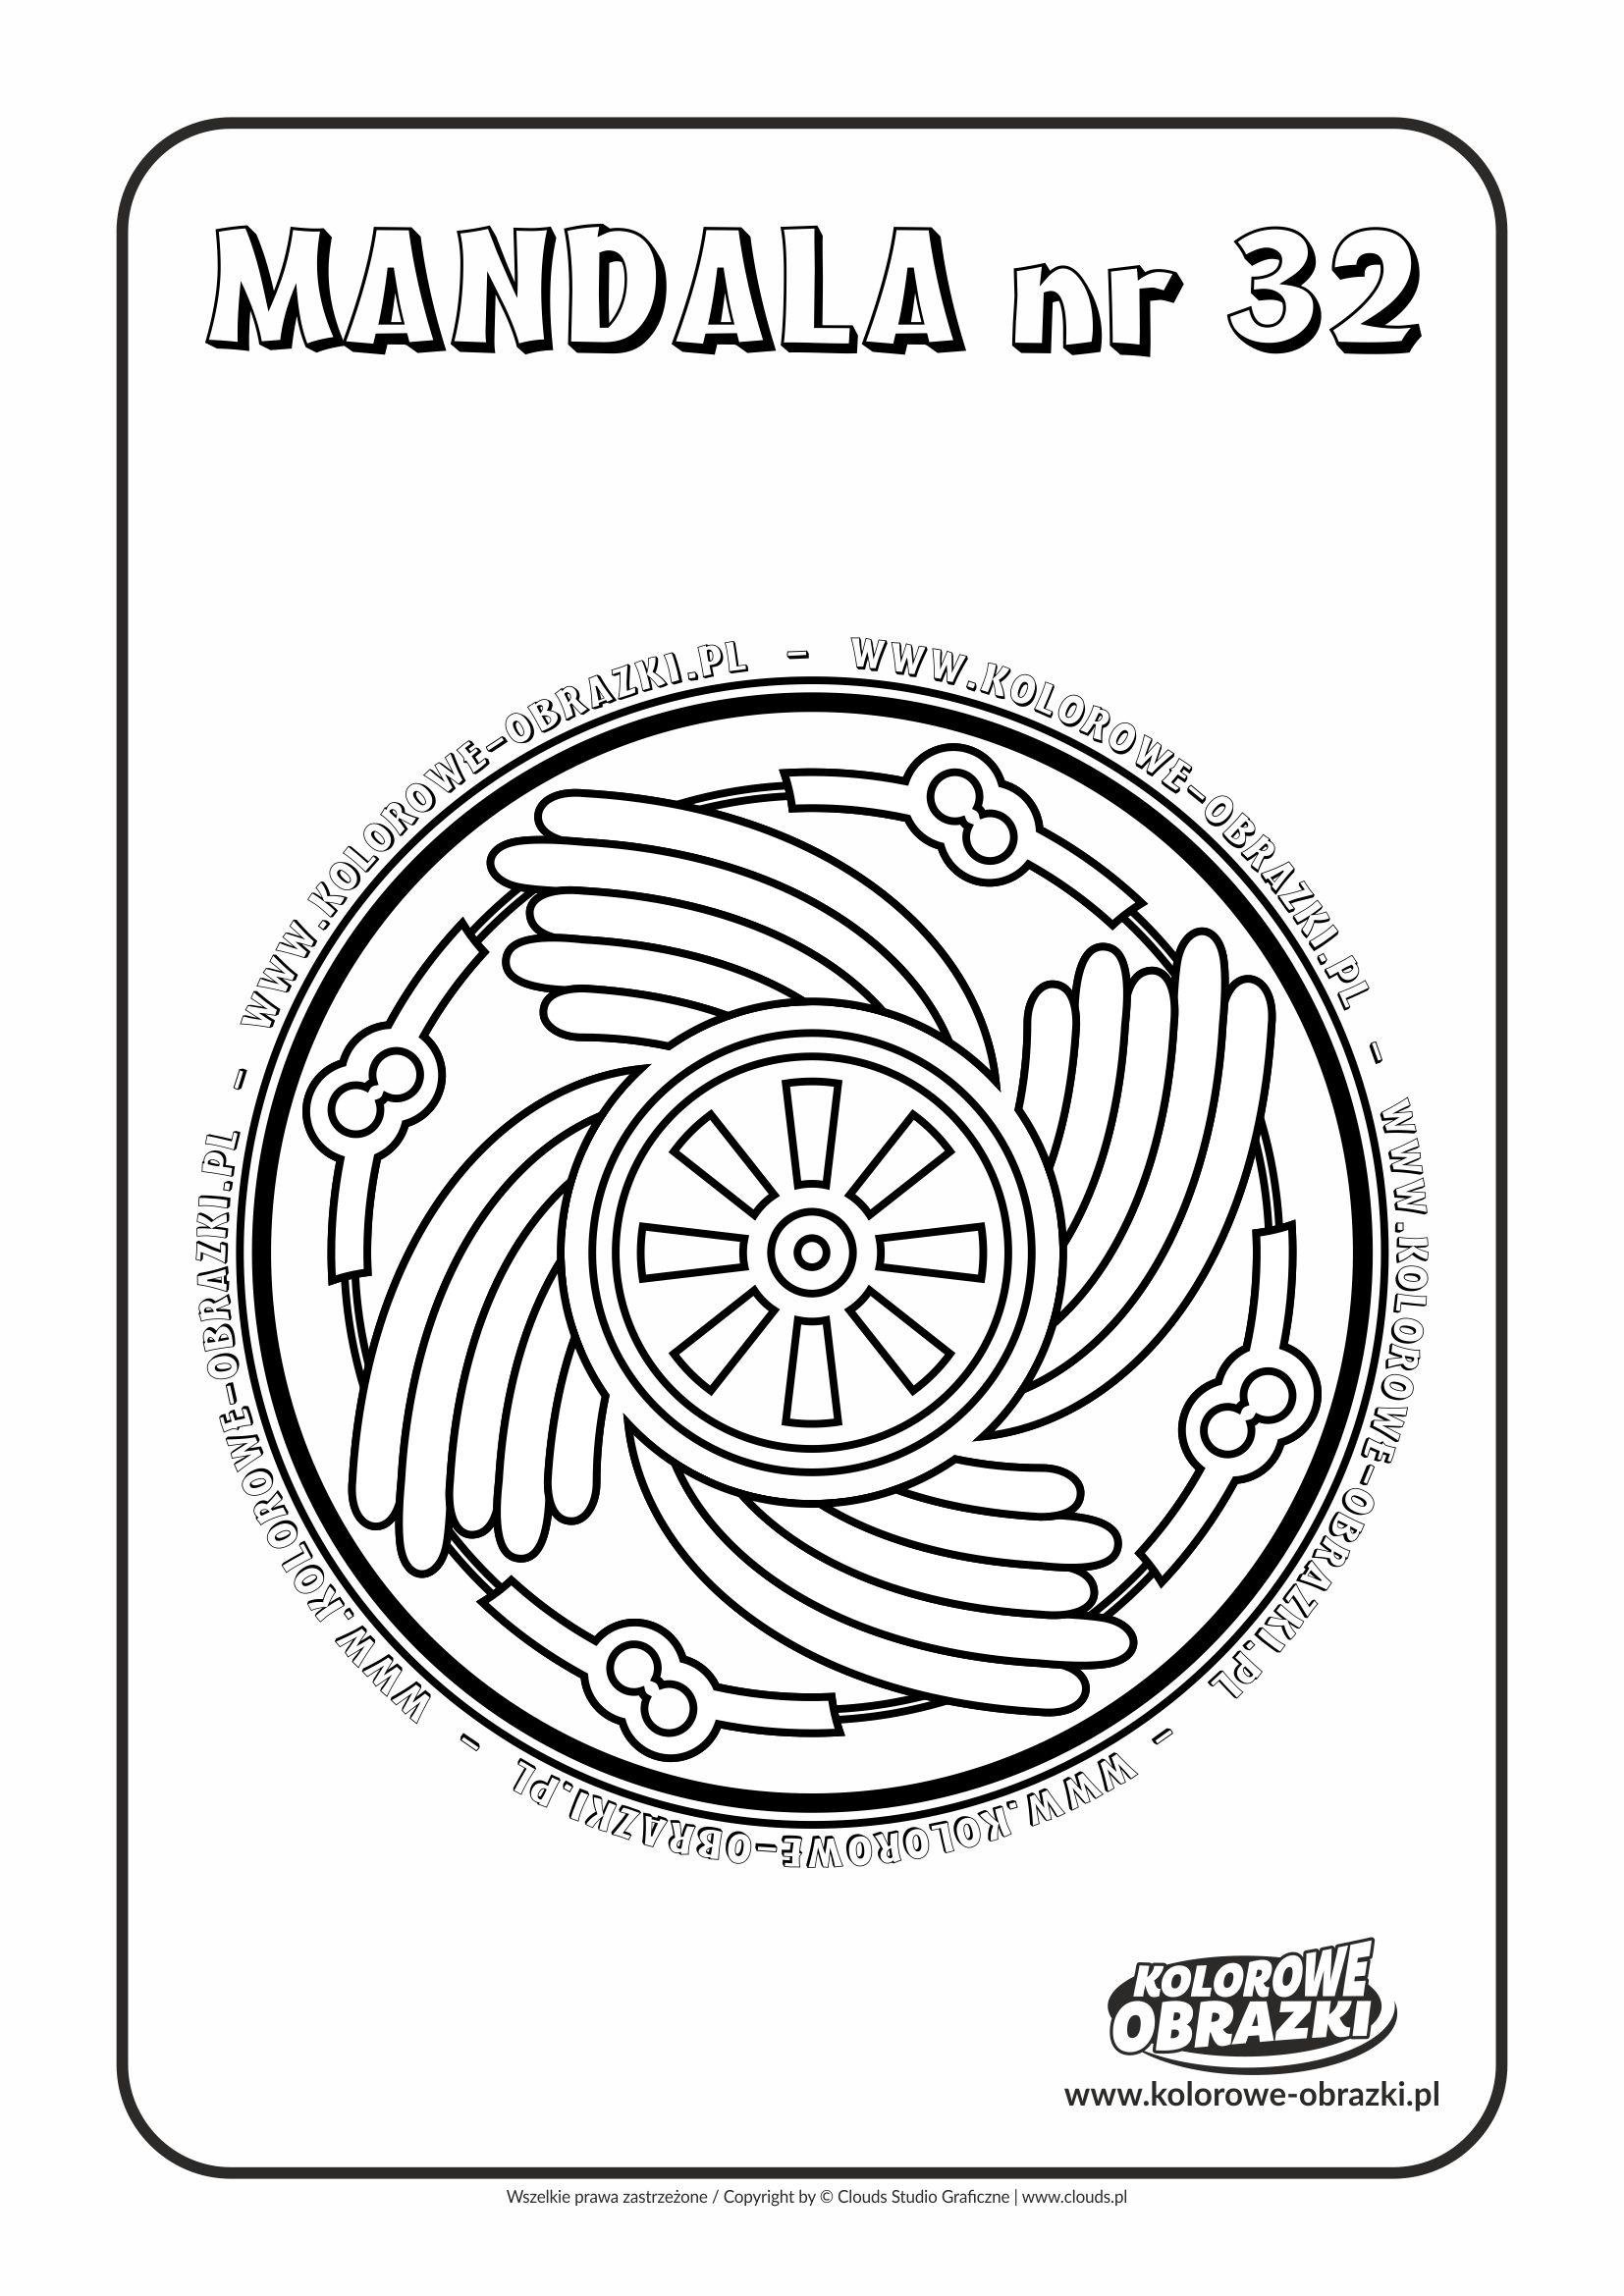 Kolorowanki dla dzieci - Mandale / Mandala nr 32. Kolorowanka z mandalą